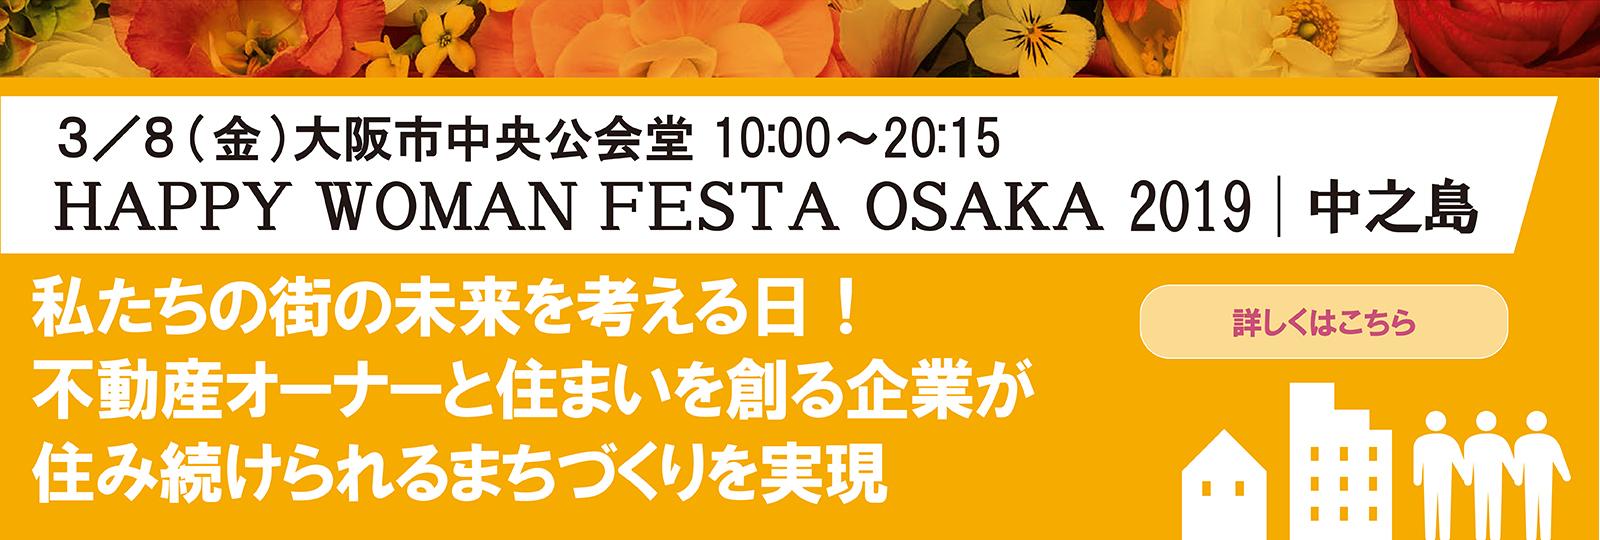 HAPPY WOMAN FESTA OSAKA 2019│中之島